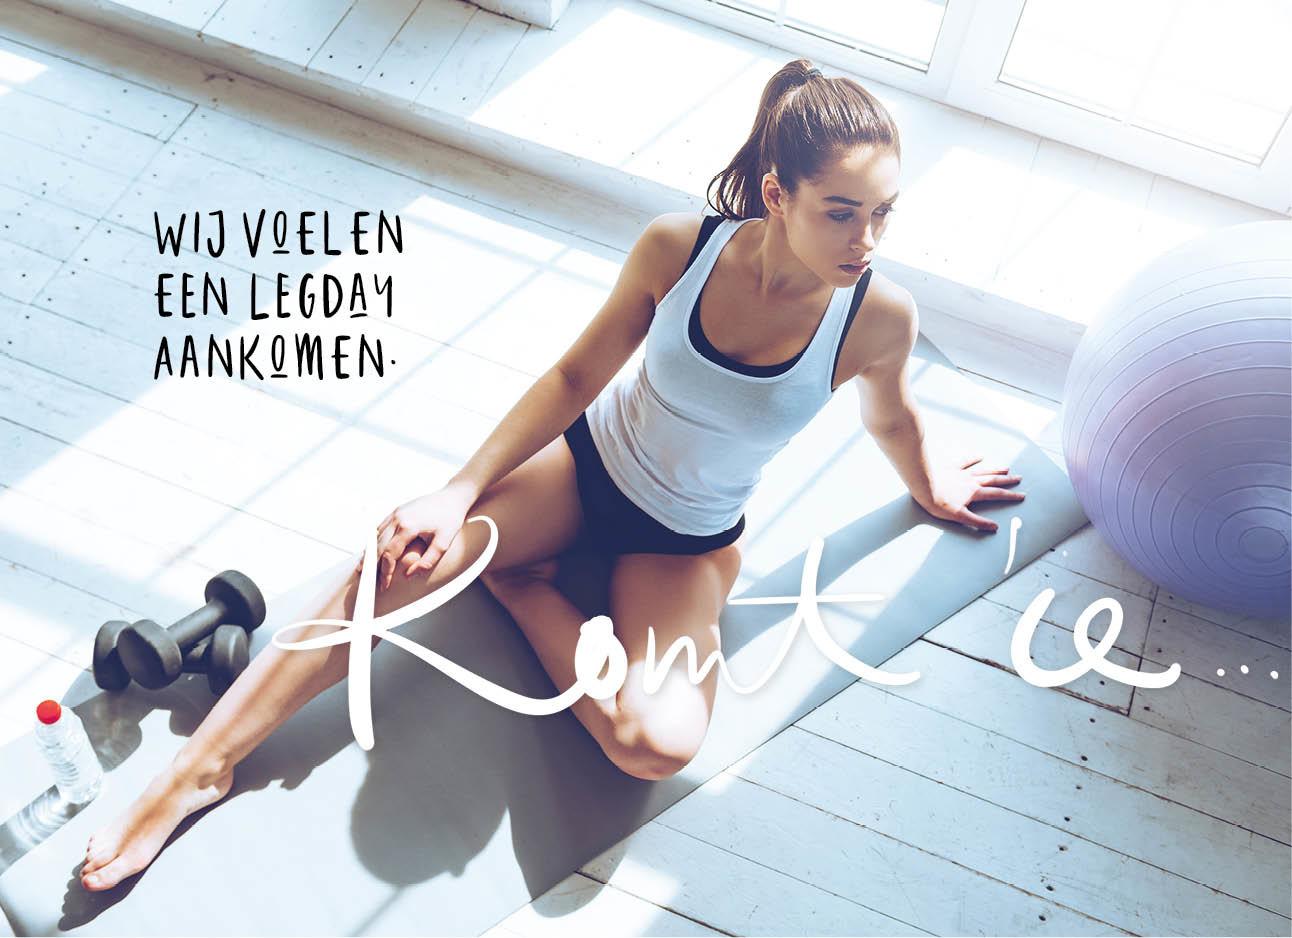 sporten vrouw witte tanktop met kort broekje zittend op de vloer